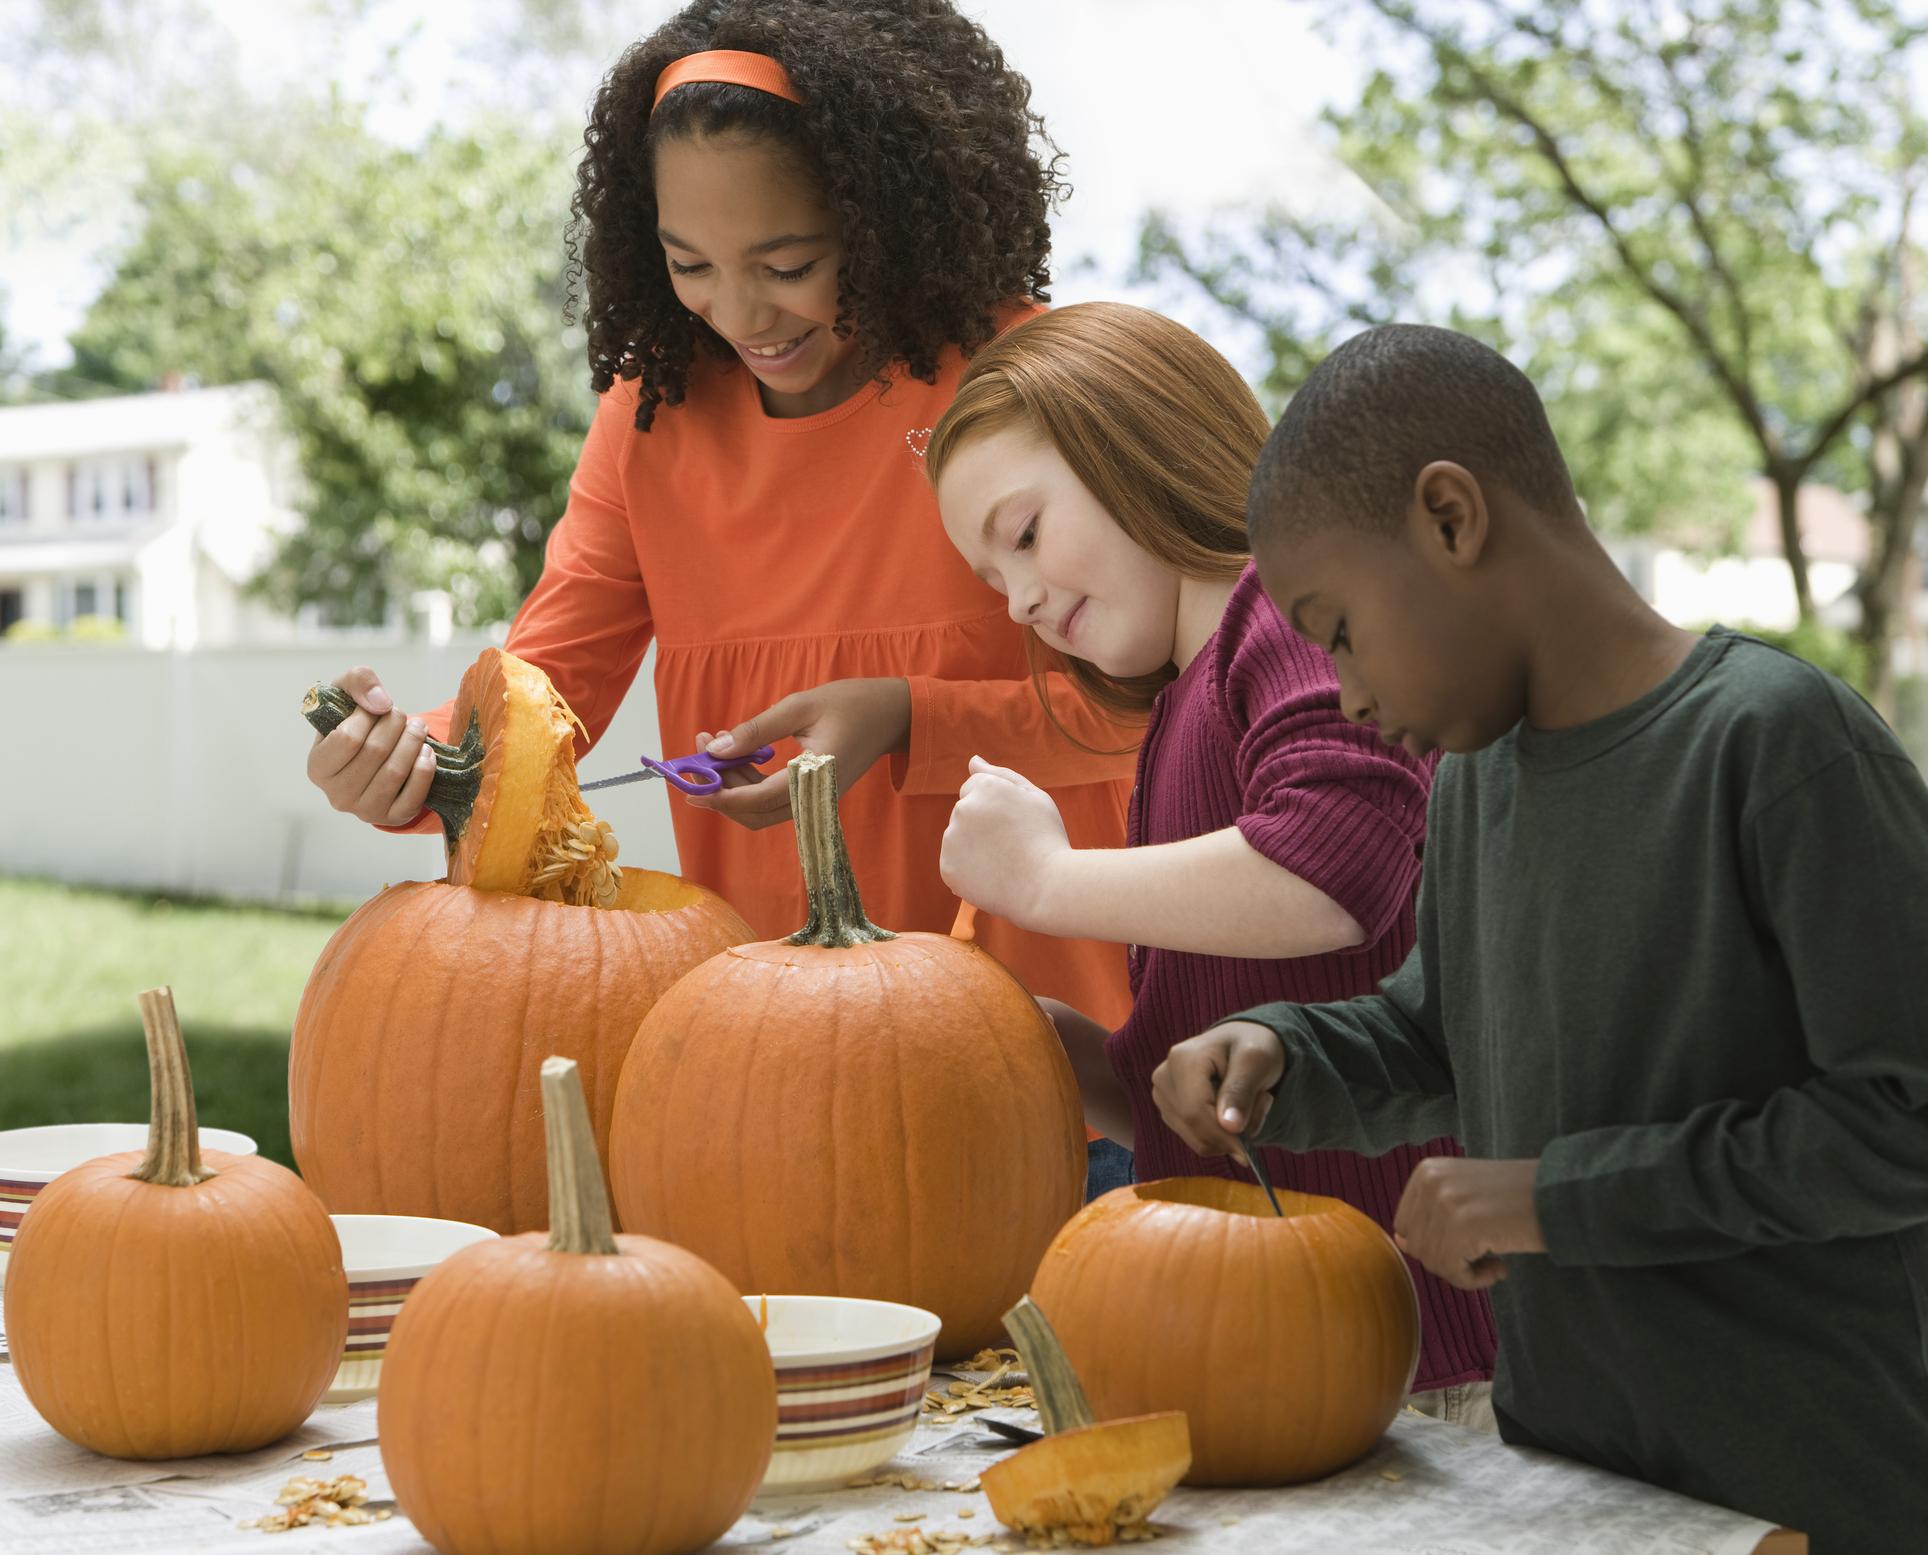 Children carving Halloween pumpkins together